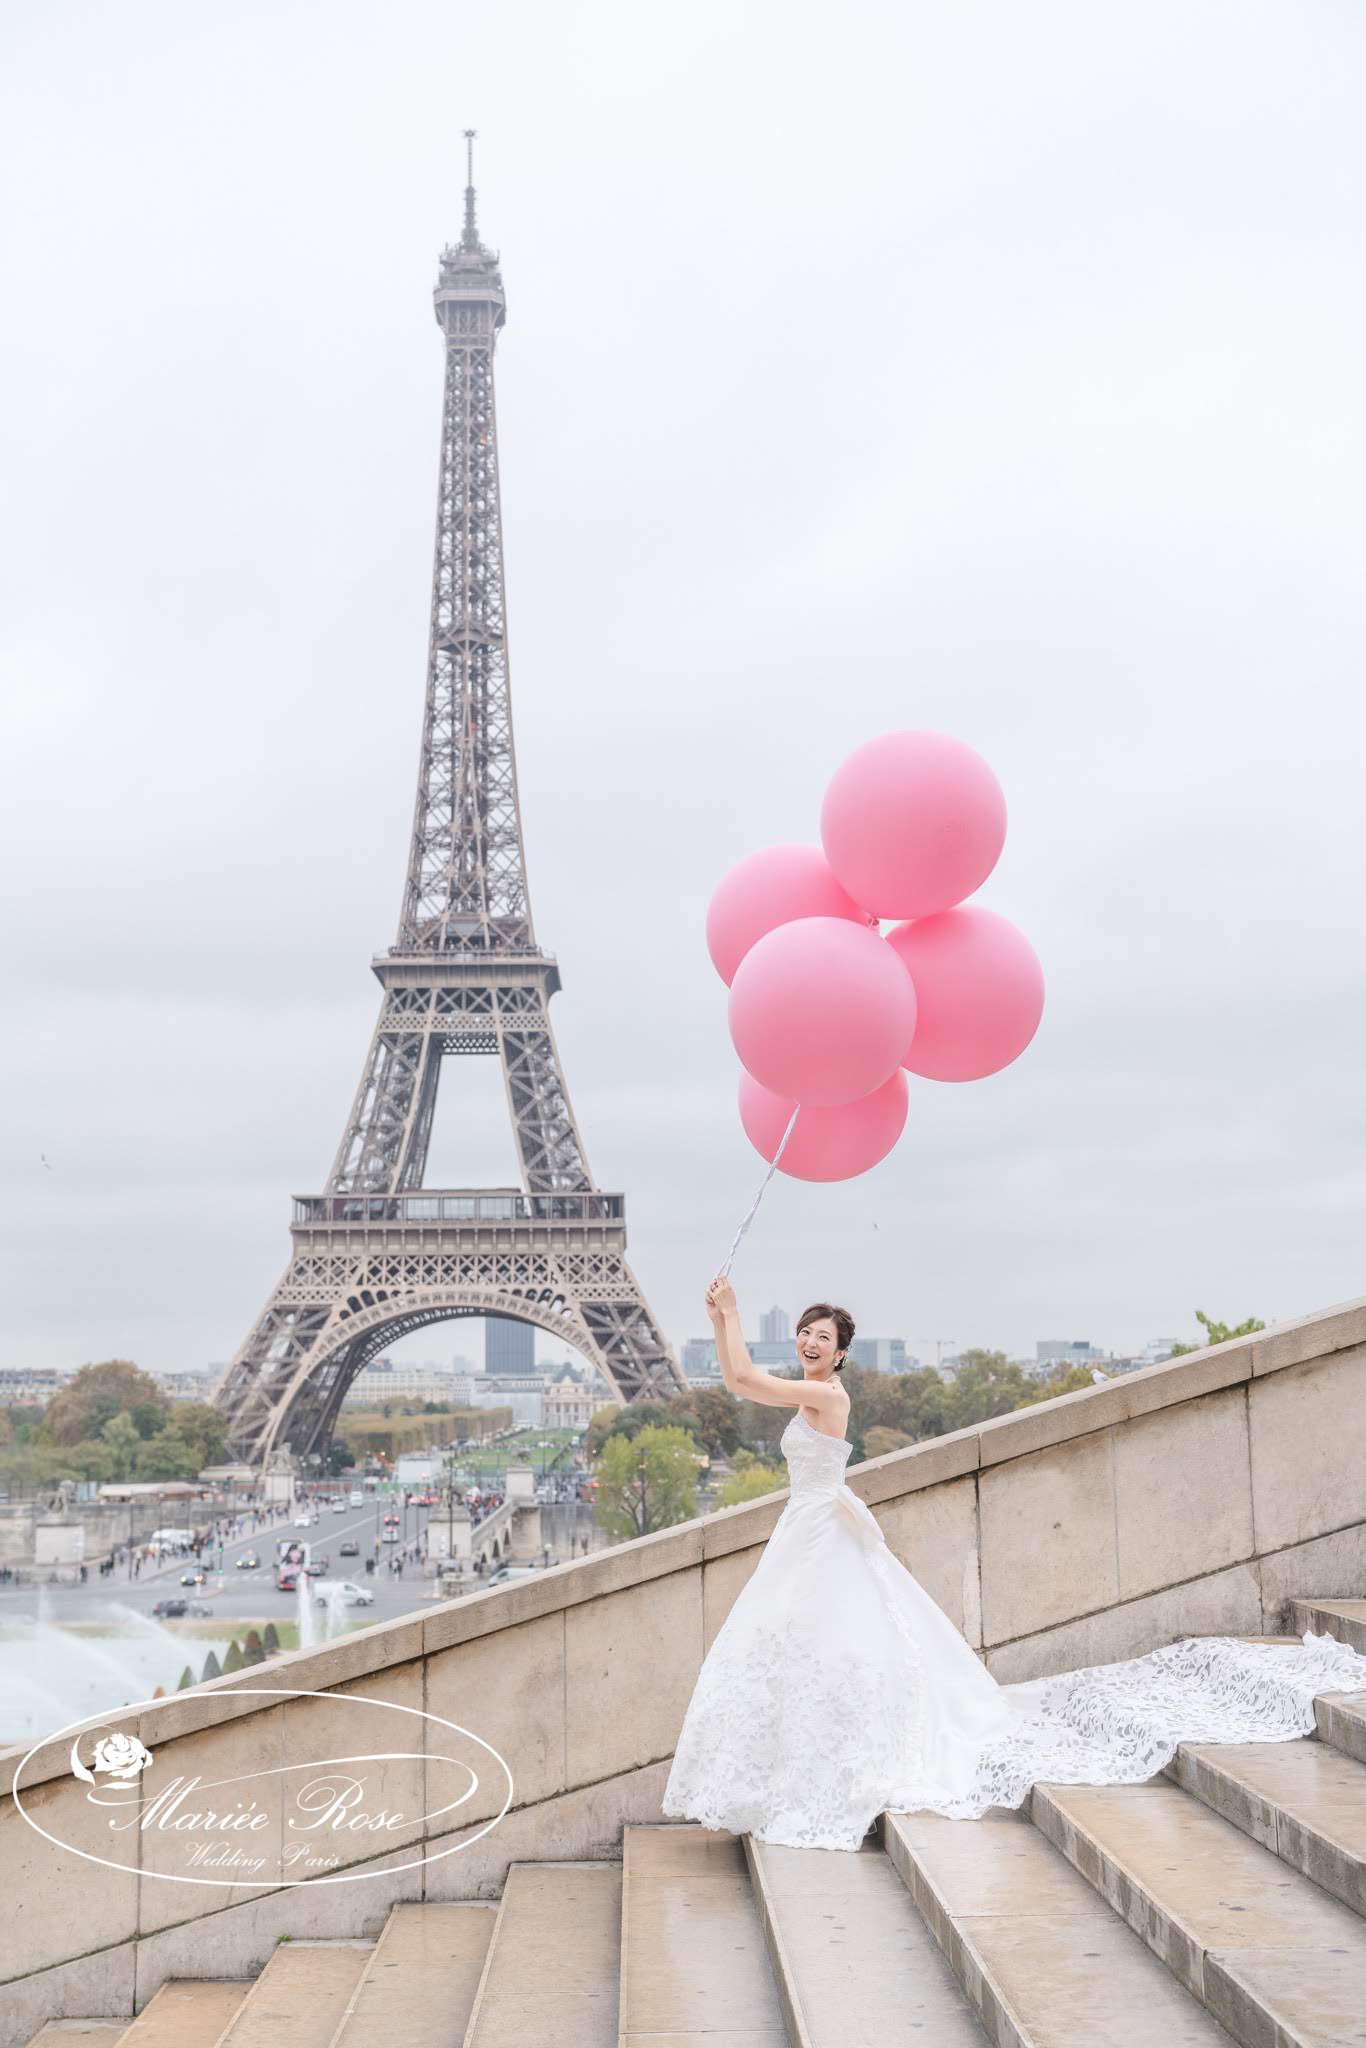 ピンクのバルーン,エッフェル塔